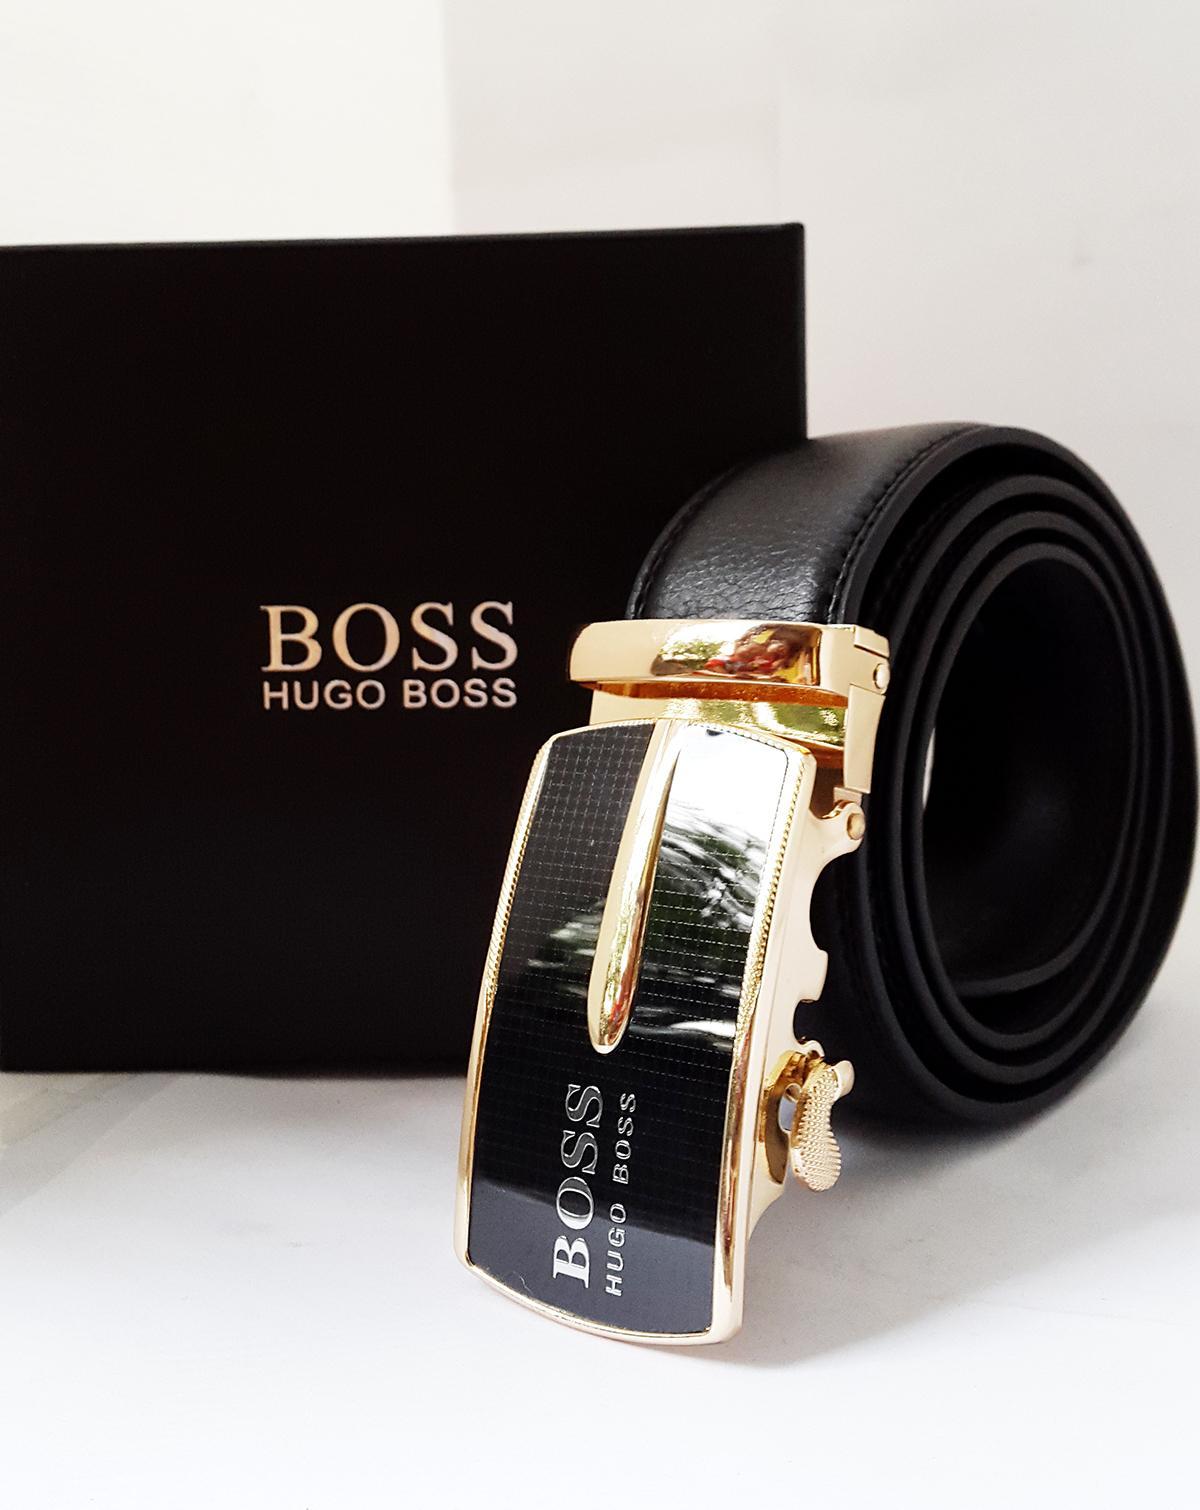 Gesper Pria / Ikat Pinggang / Ban Pinggang / Sabuk Pria Branded Hugo Boss Gold Exclusive 120cm - Black